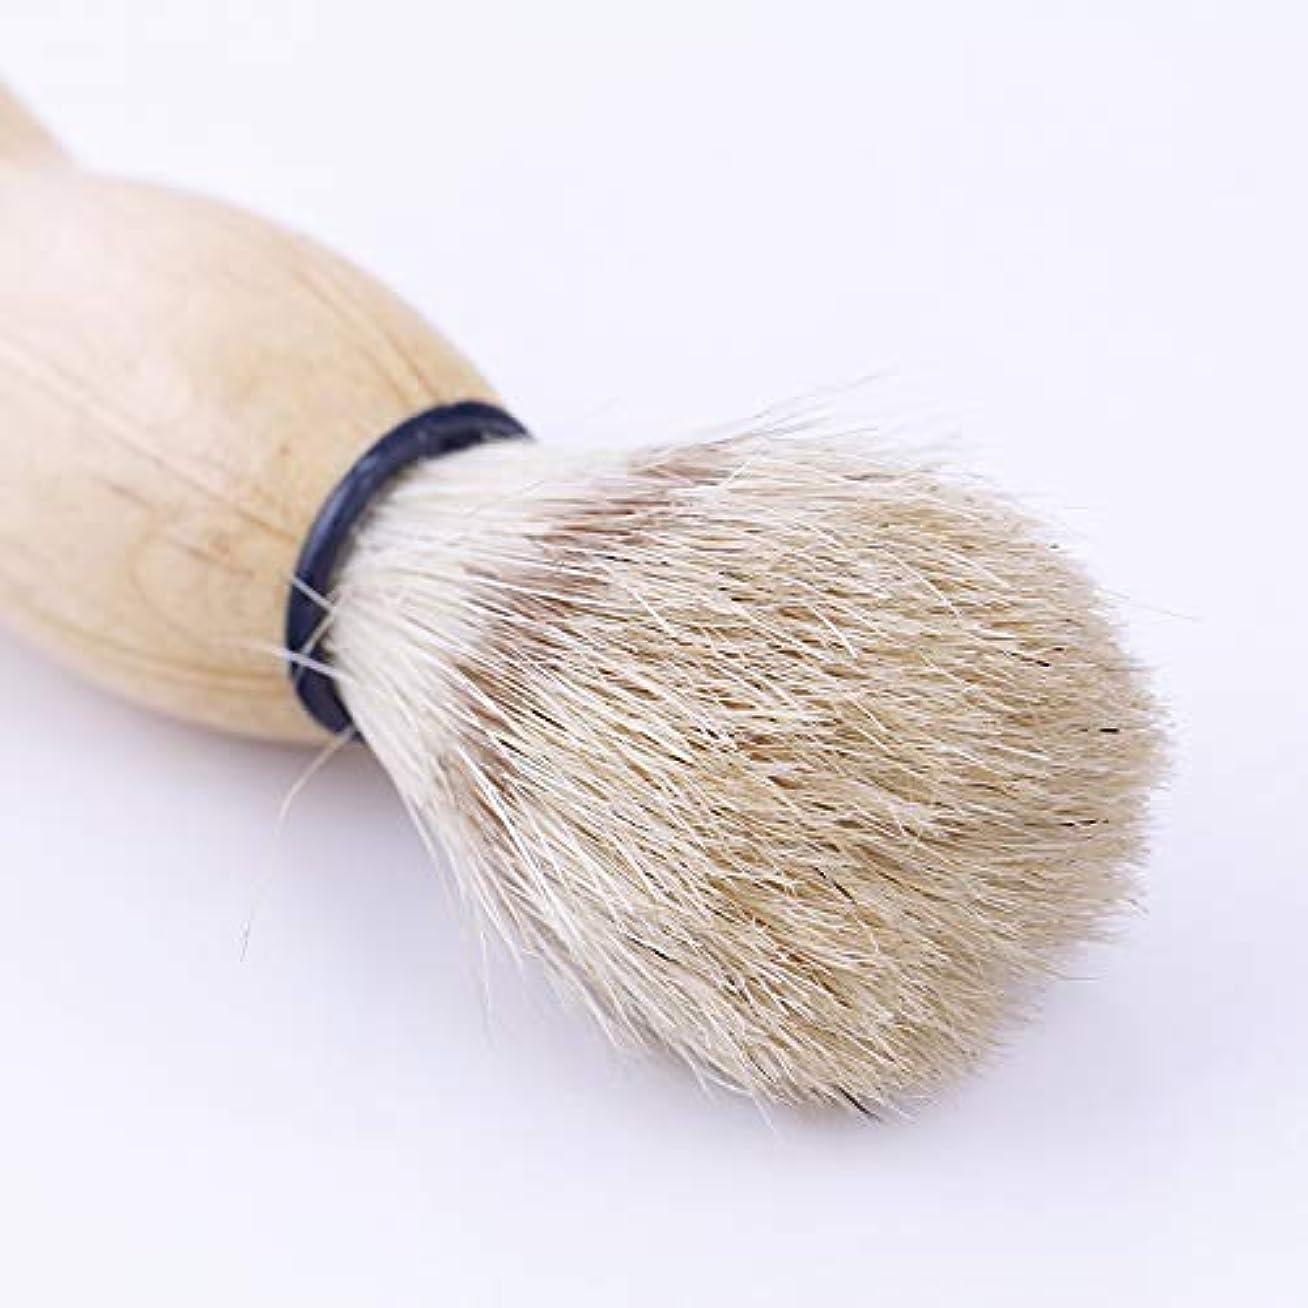 取り囲むアスレチックSMTHOME シェービング用ブラシ メンズ 100% ウール毛 理容 洗顔 髭剃り 泡立ち